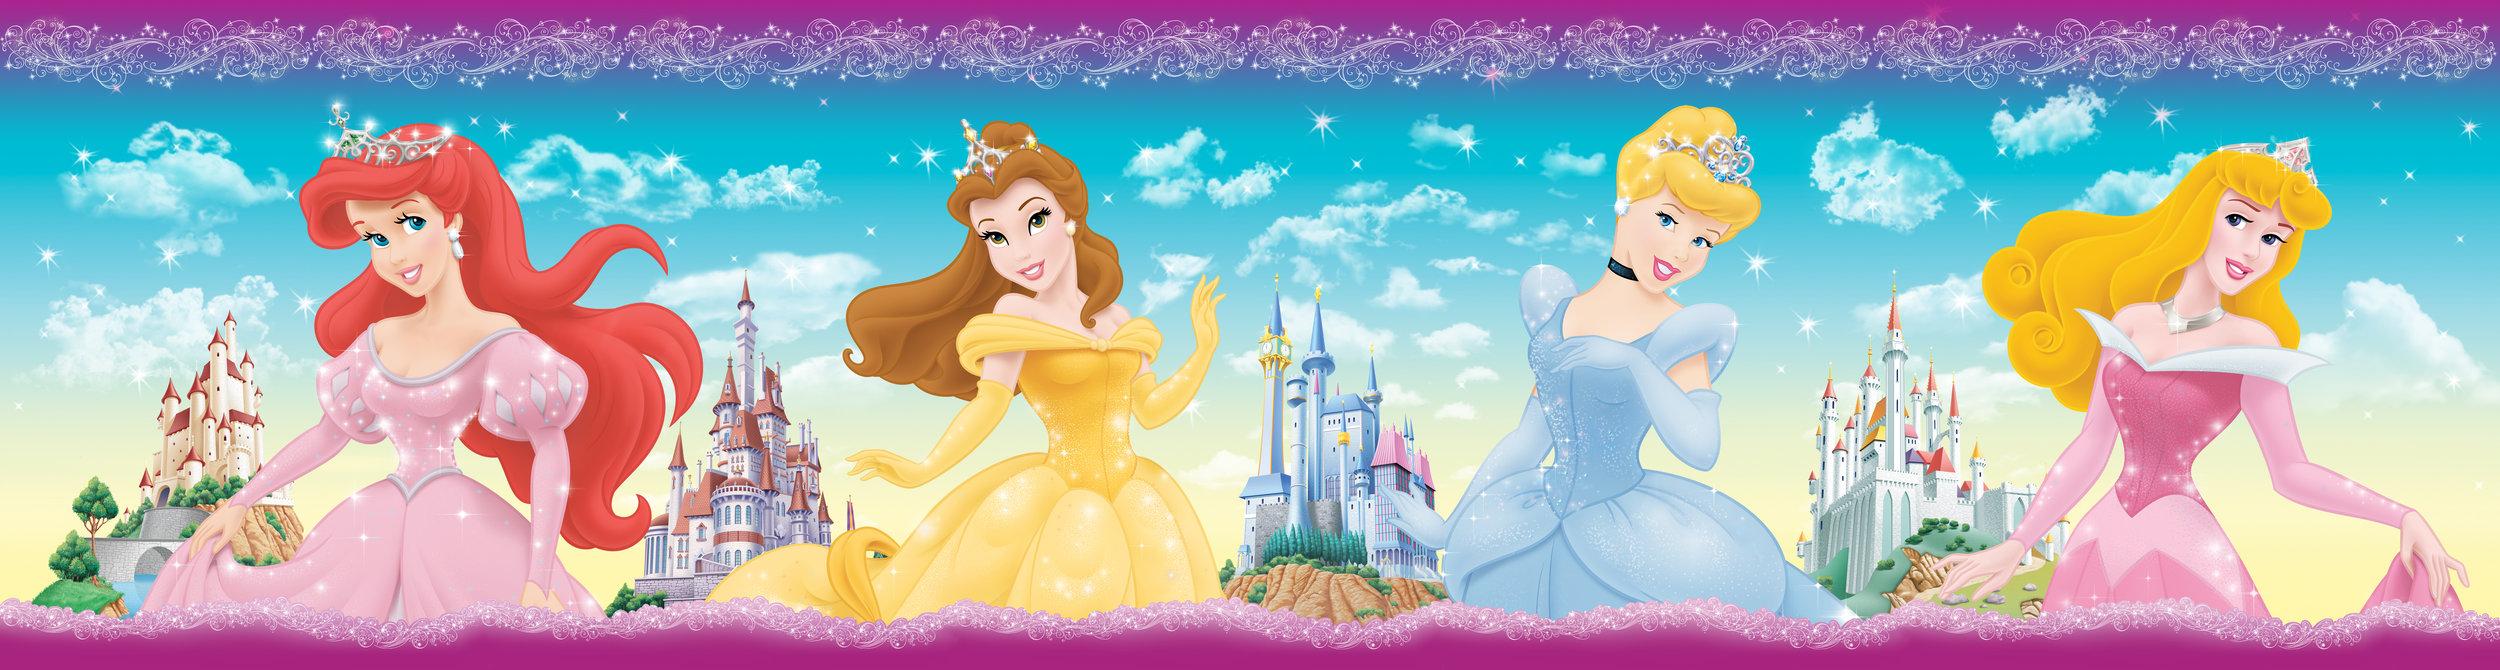 LIAB-Princess-2.jpg